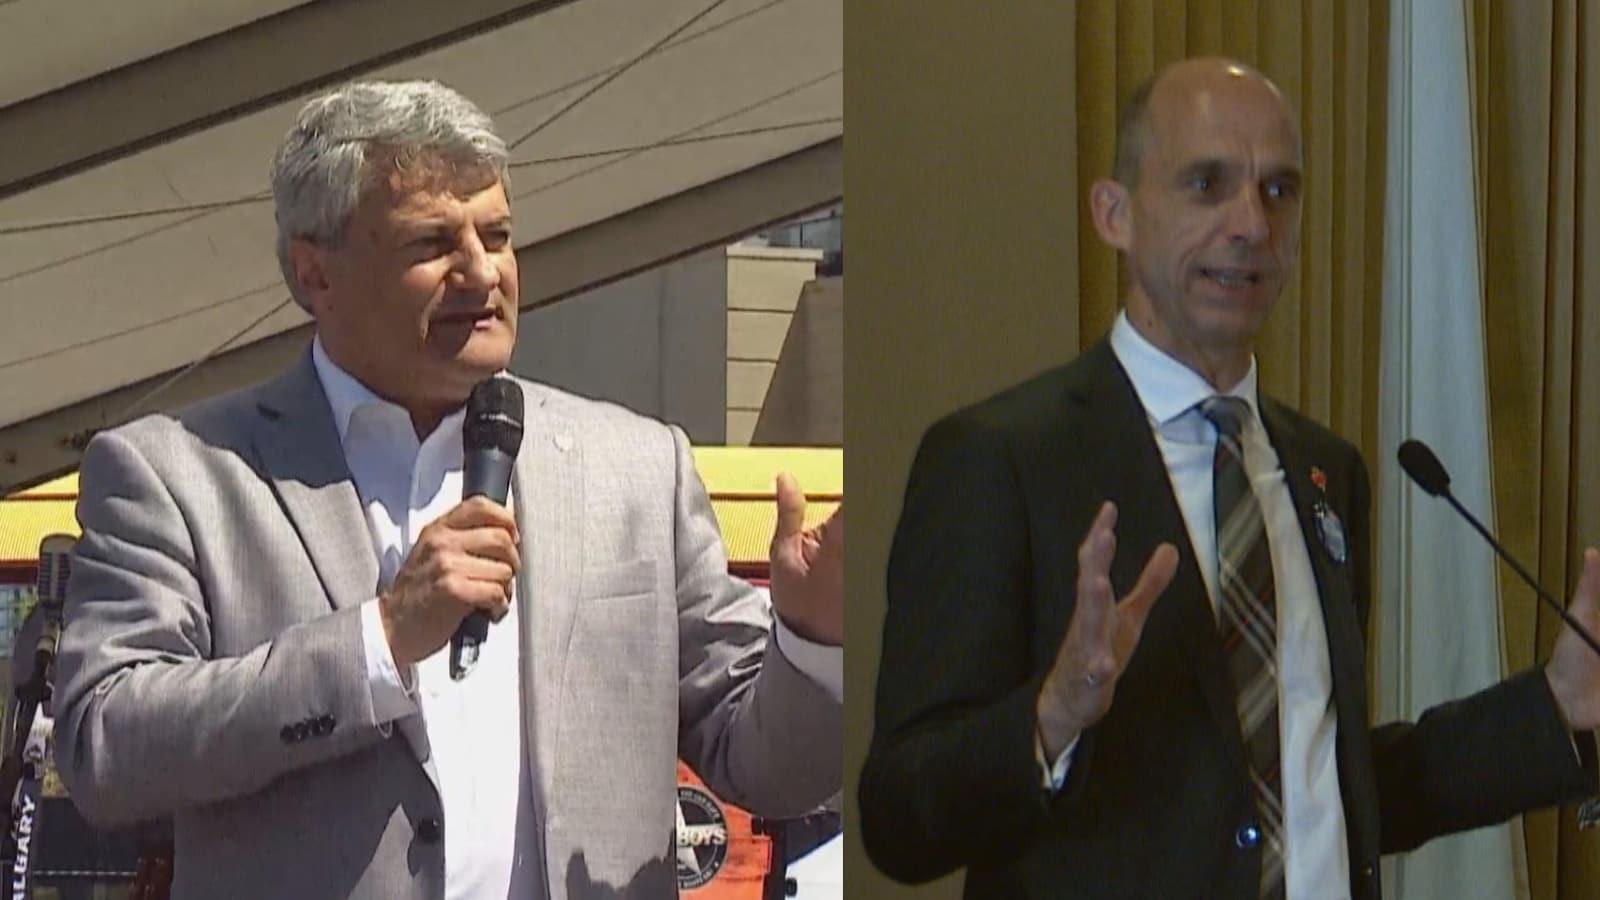 Vue sur une photo de deux hommes qui parlent avec un micro. Ils portent un veston et une cravate.